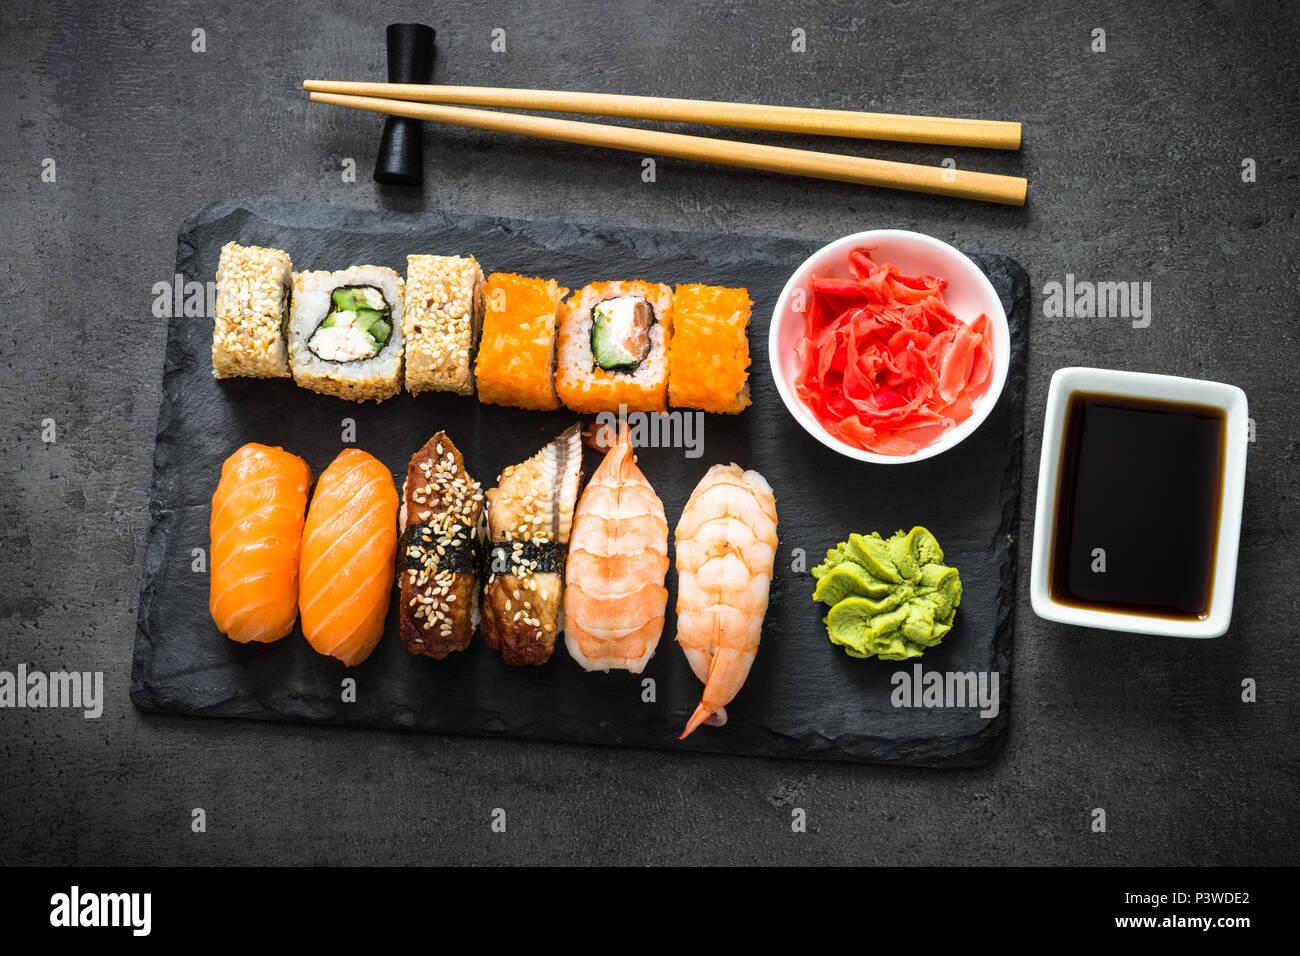 Il Sushi e sushi rullo impostato su nero tavolo in pietra vista dall'alto. Tradizionale cibo asiatico. Immagini Stock